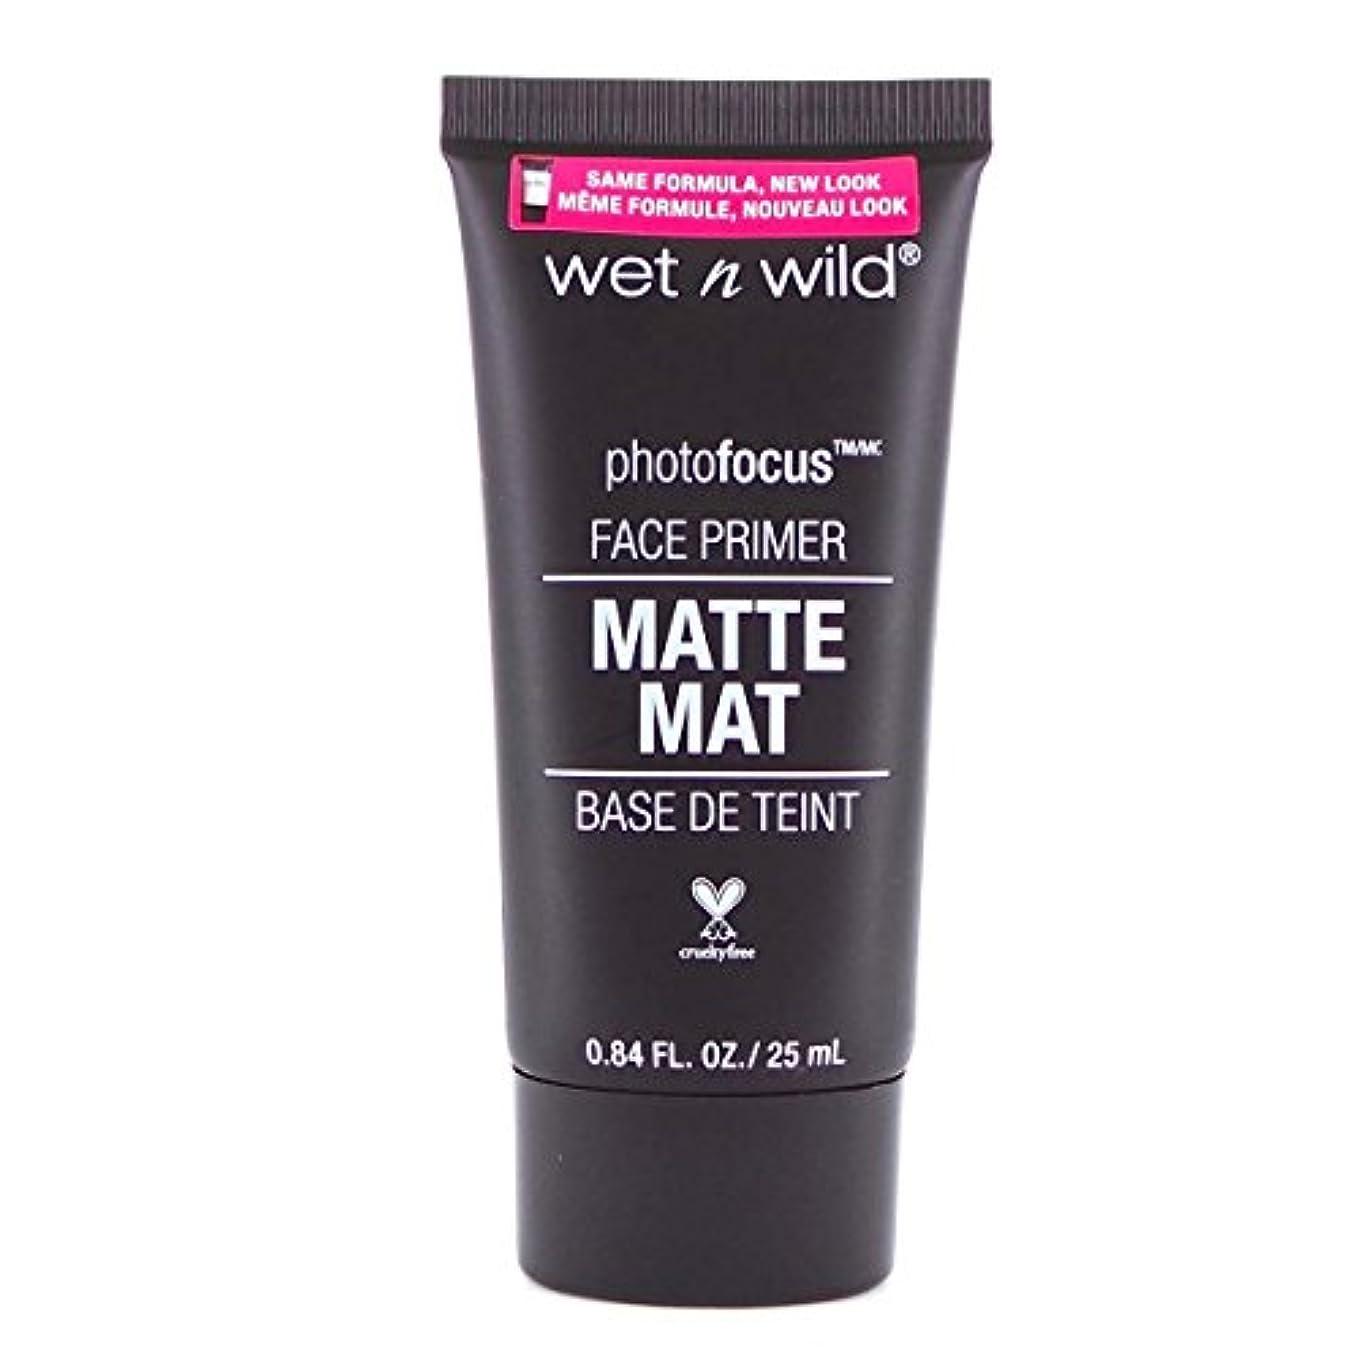 針真面目な帰る(6 Pack) WET N WILD CoverAll Face Primer (並行輸入品)